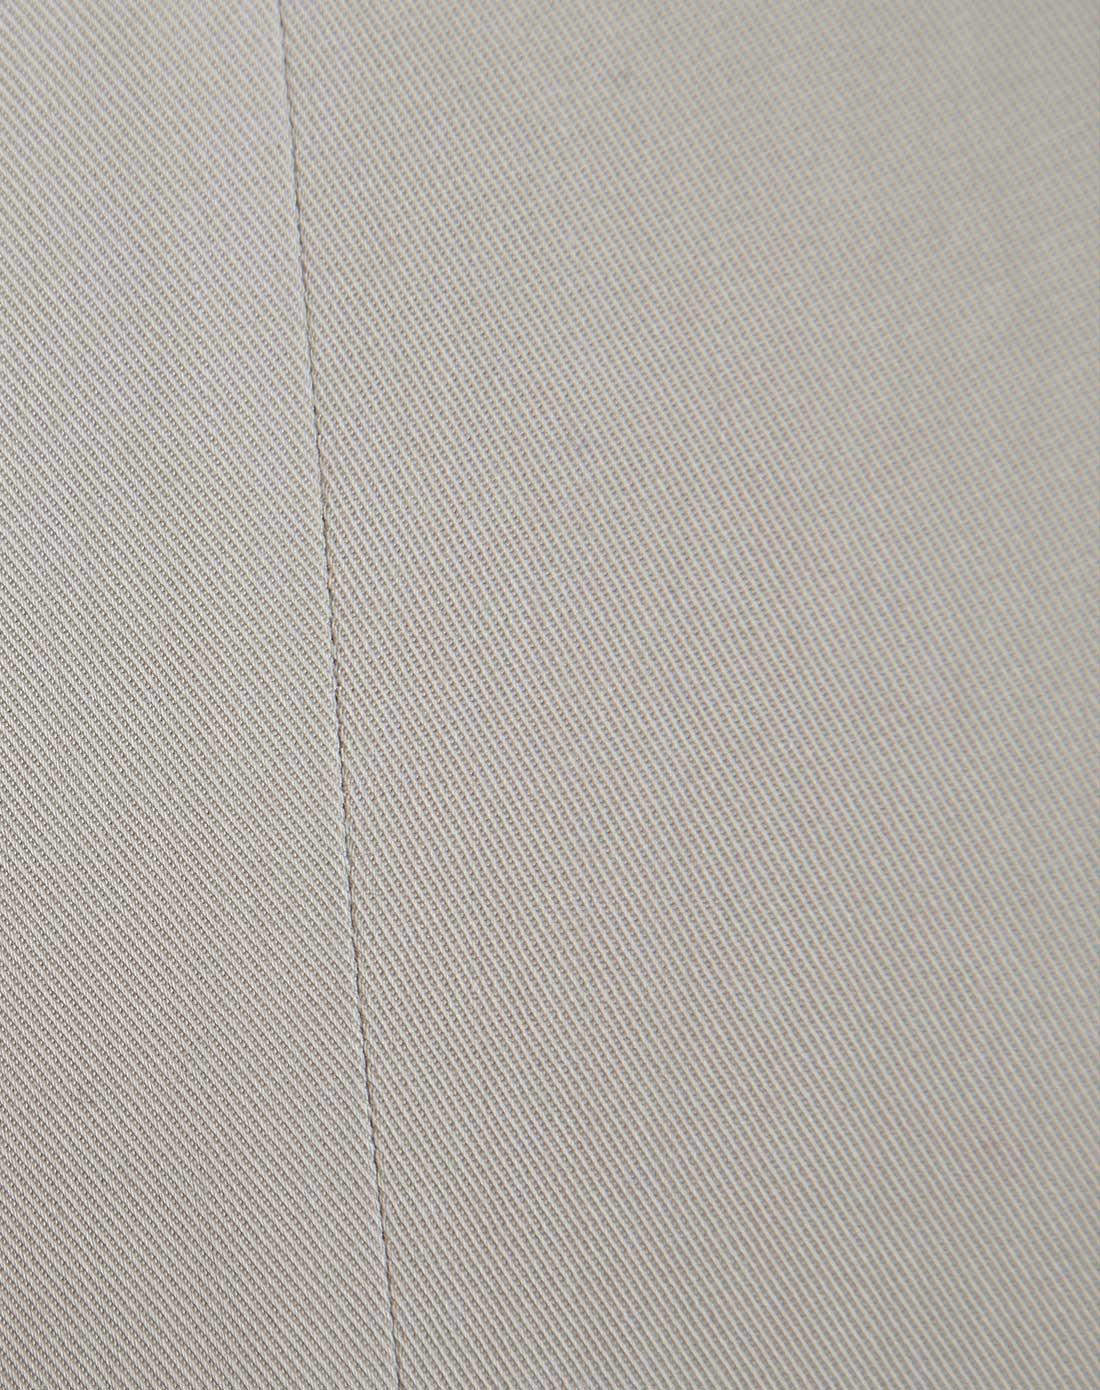 米系统更新wlan灰色 图片合集